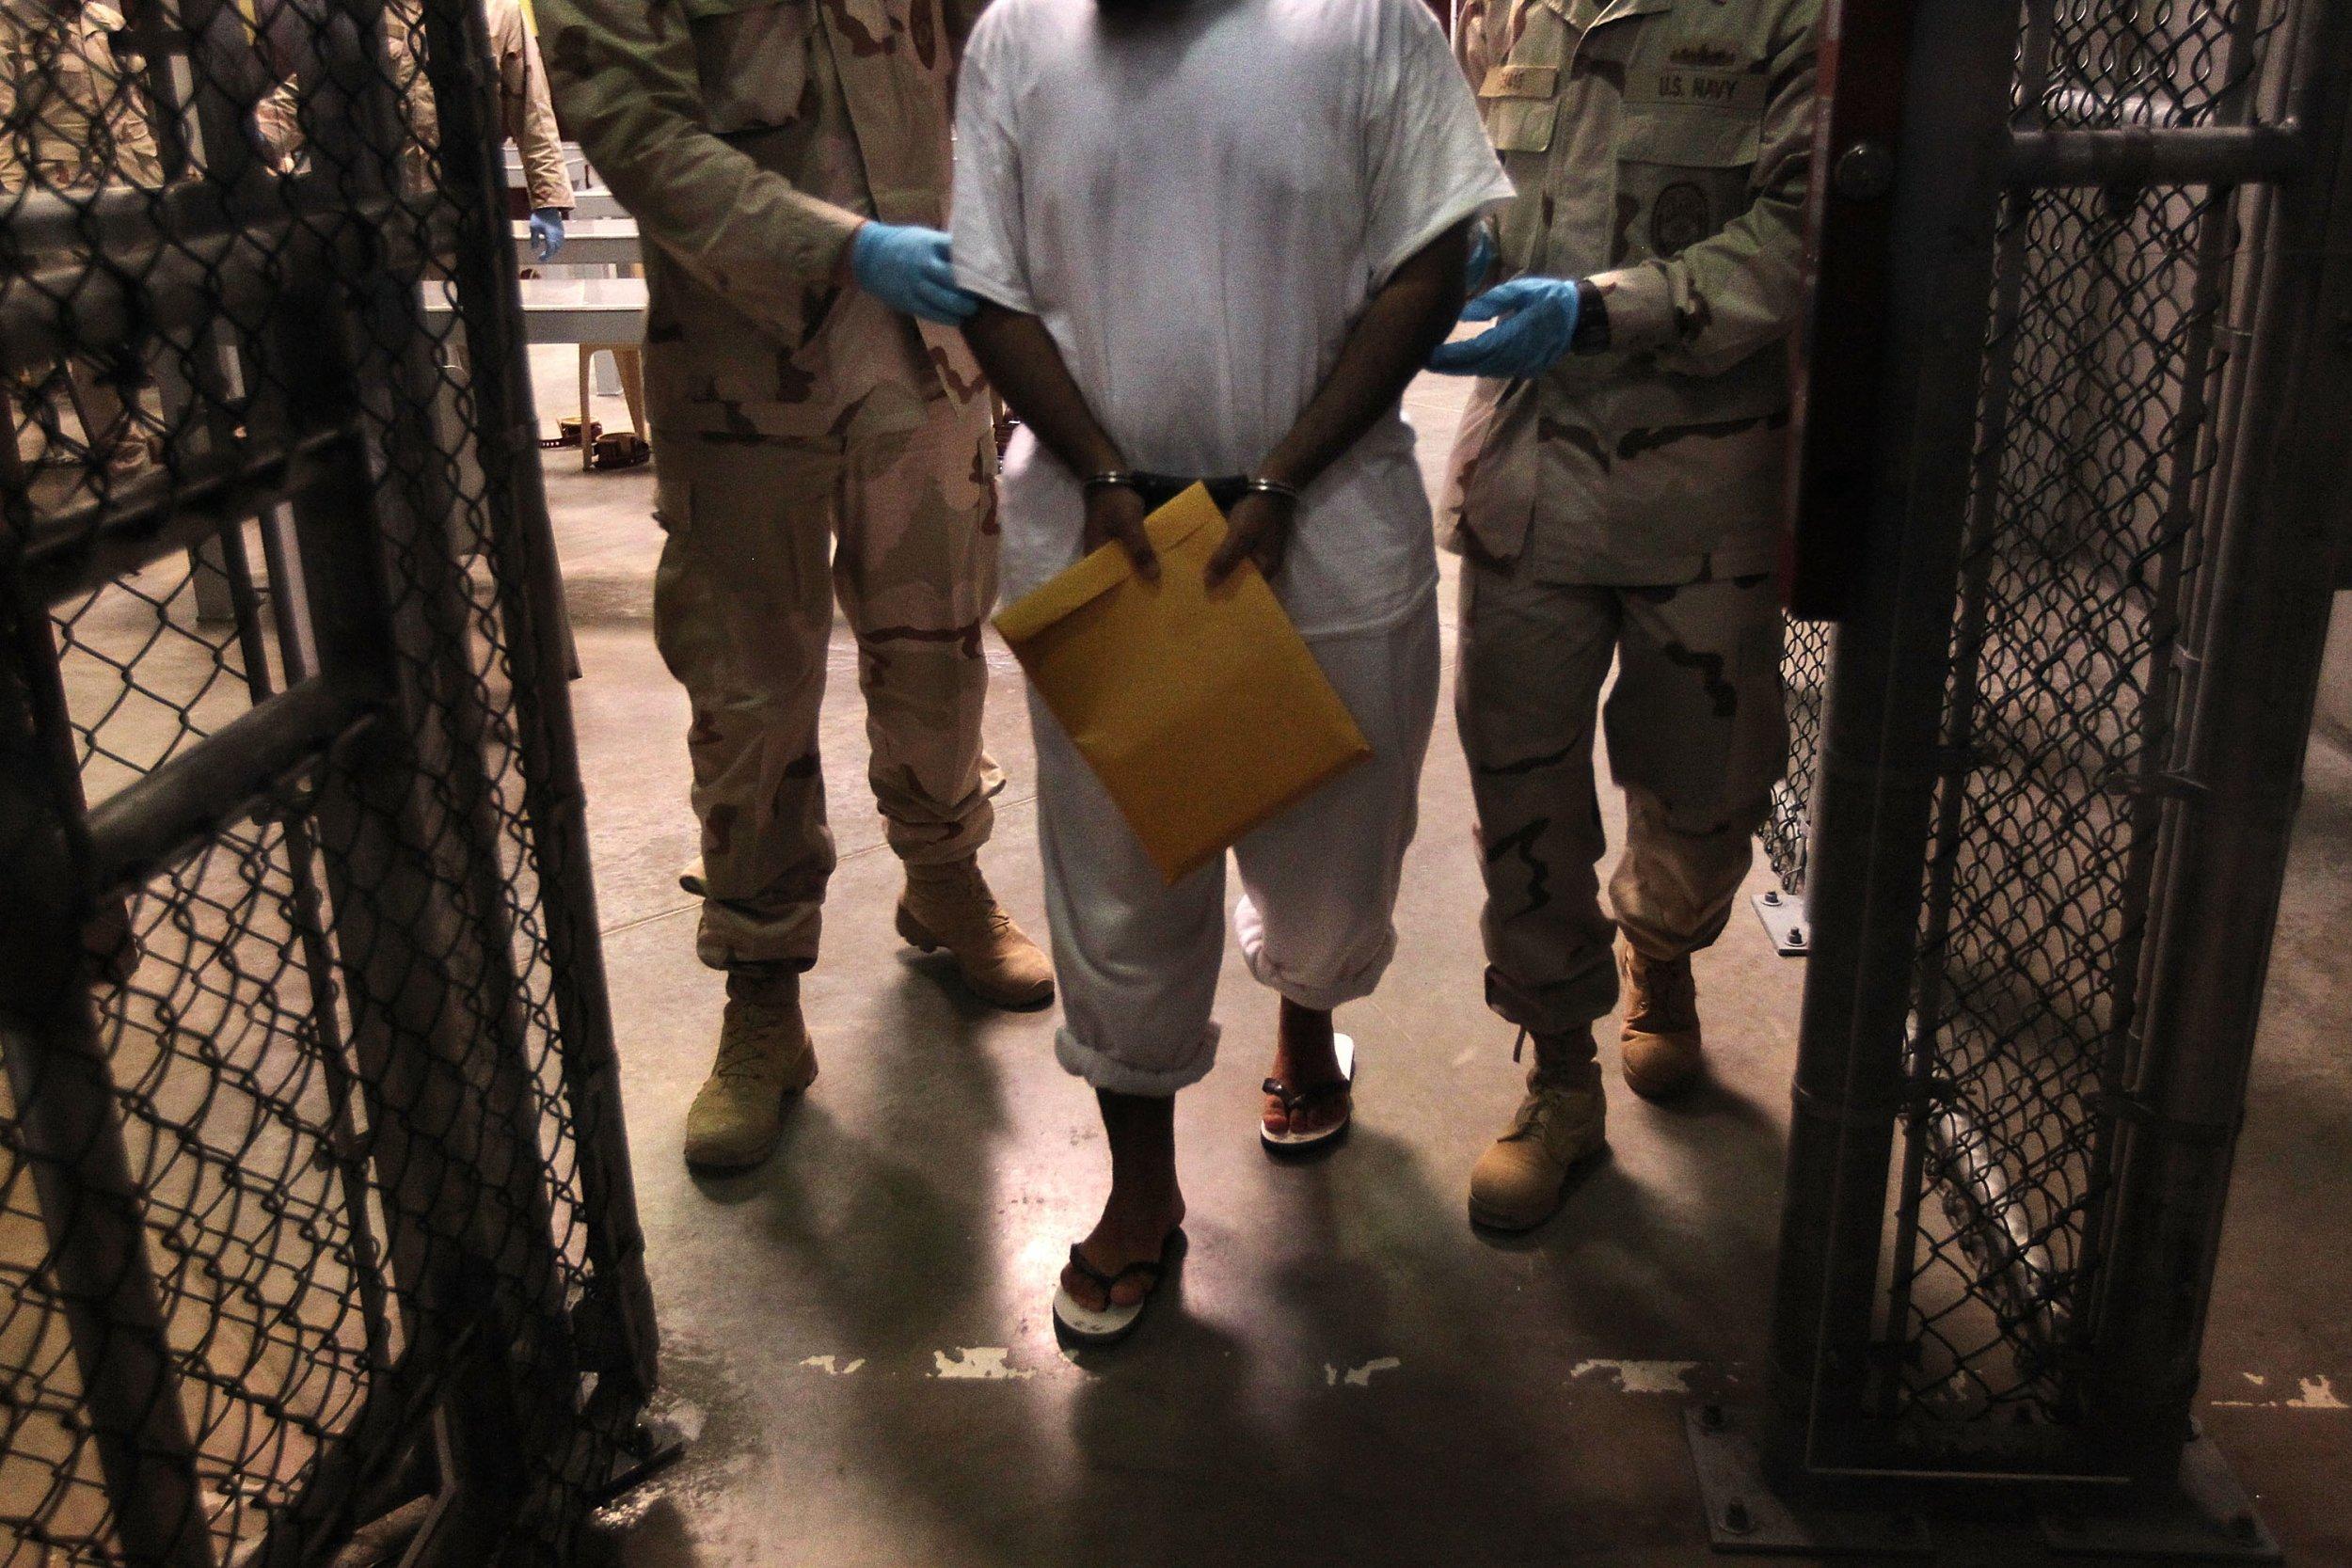 01_11_18_GuantanamoBay1